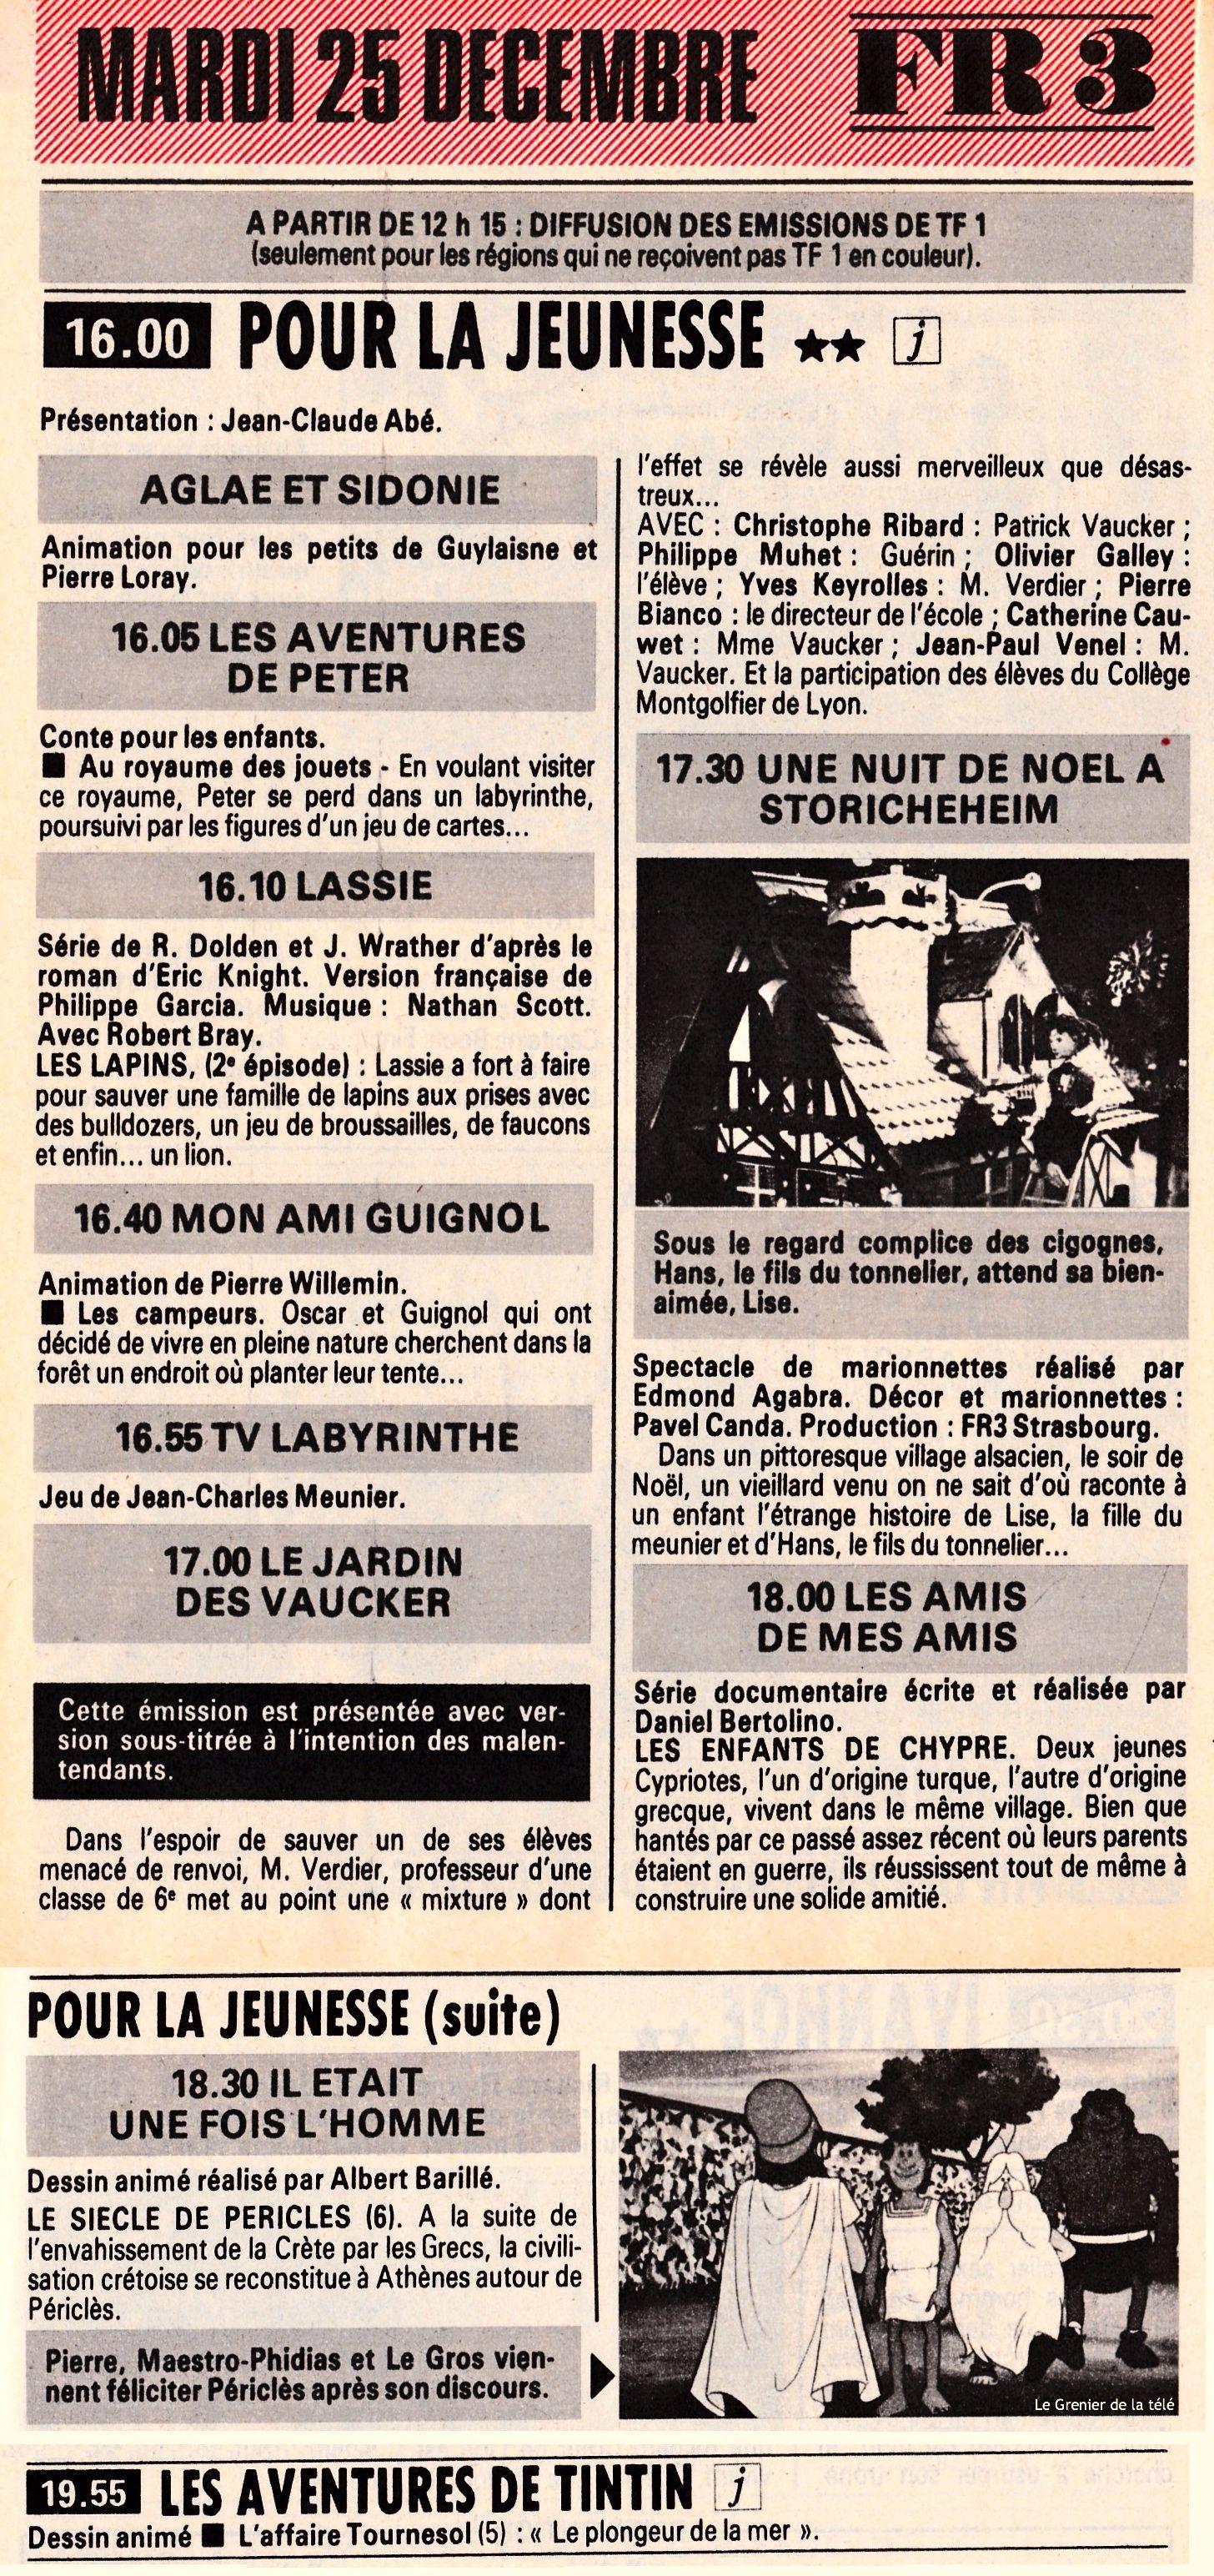 http://grenierdelatv.free.fr/fr3jeunesse25dec1979.jpg